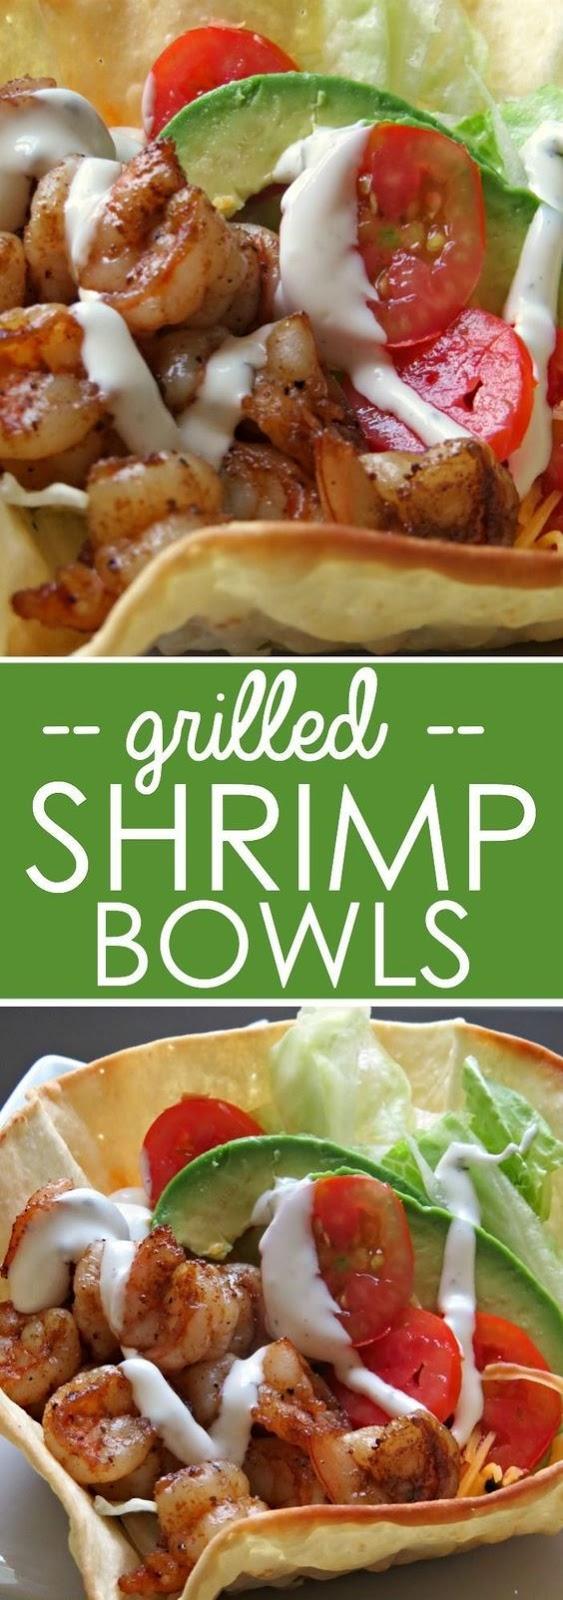 Grilled Shrimp Bowls